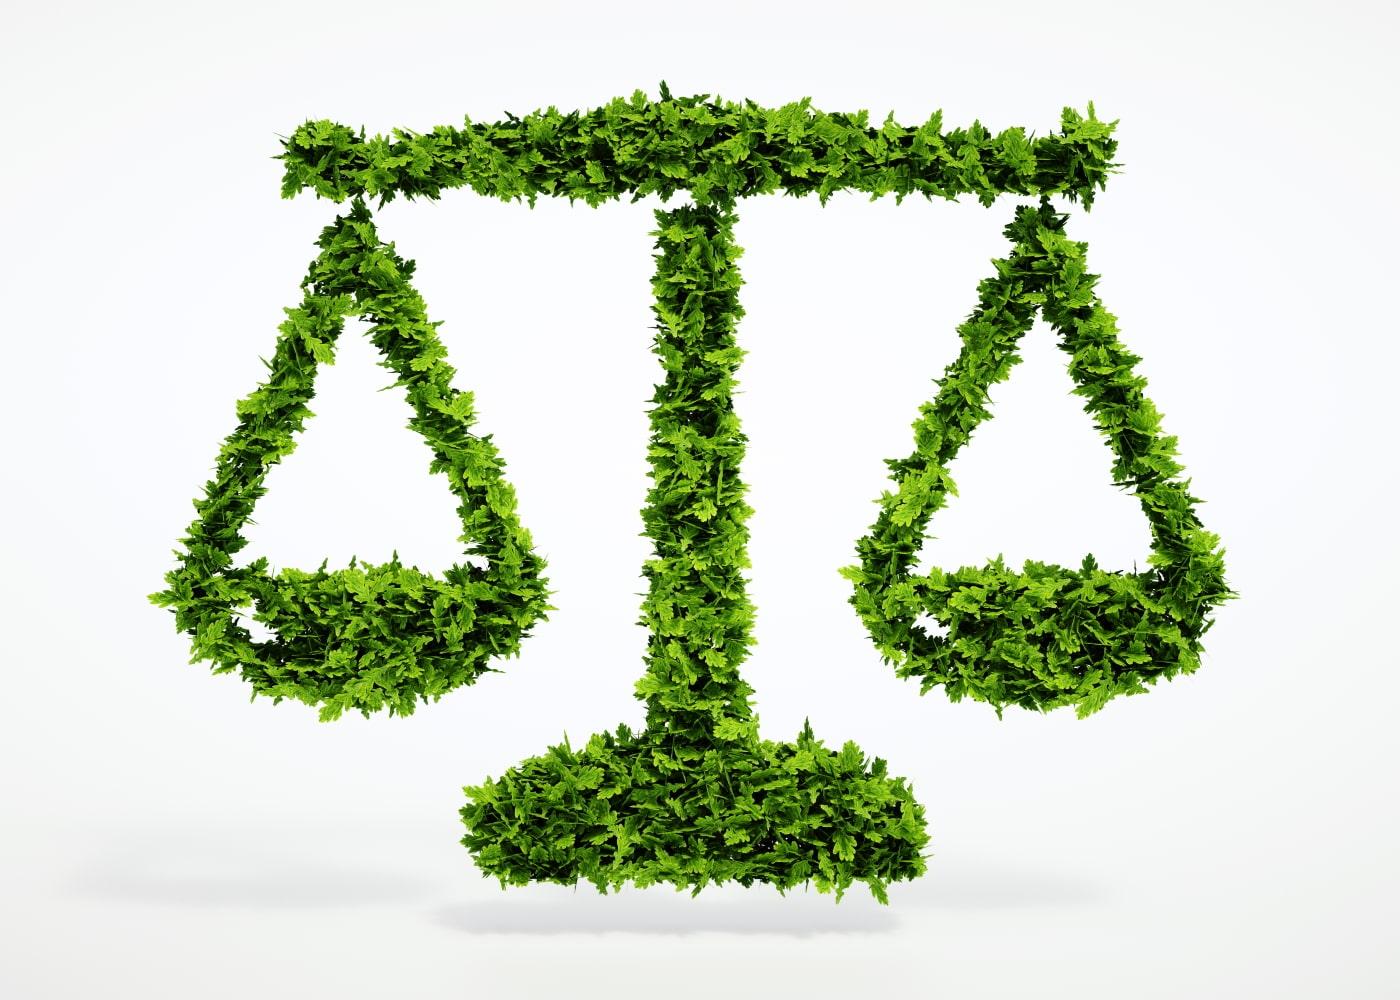 naem-2021-webinar-banner-carbon-offsets-should-we-or-shouldnt-we-heritage-environmental-services-700x500